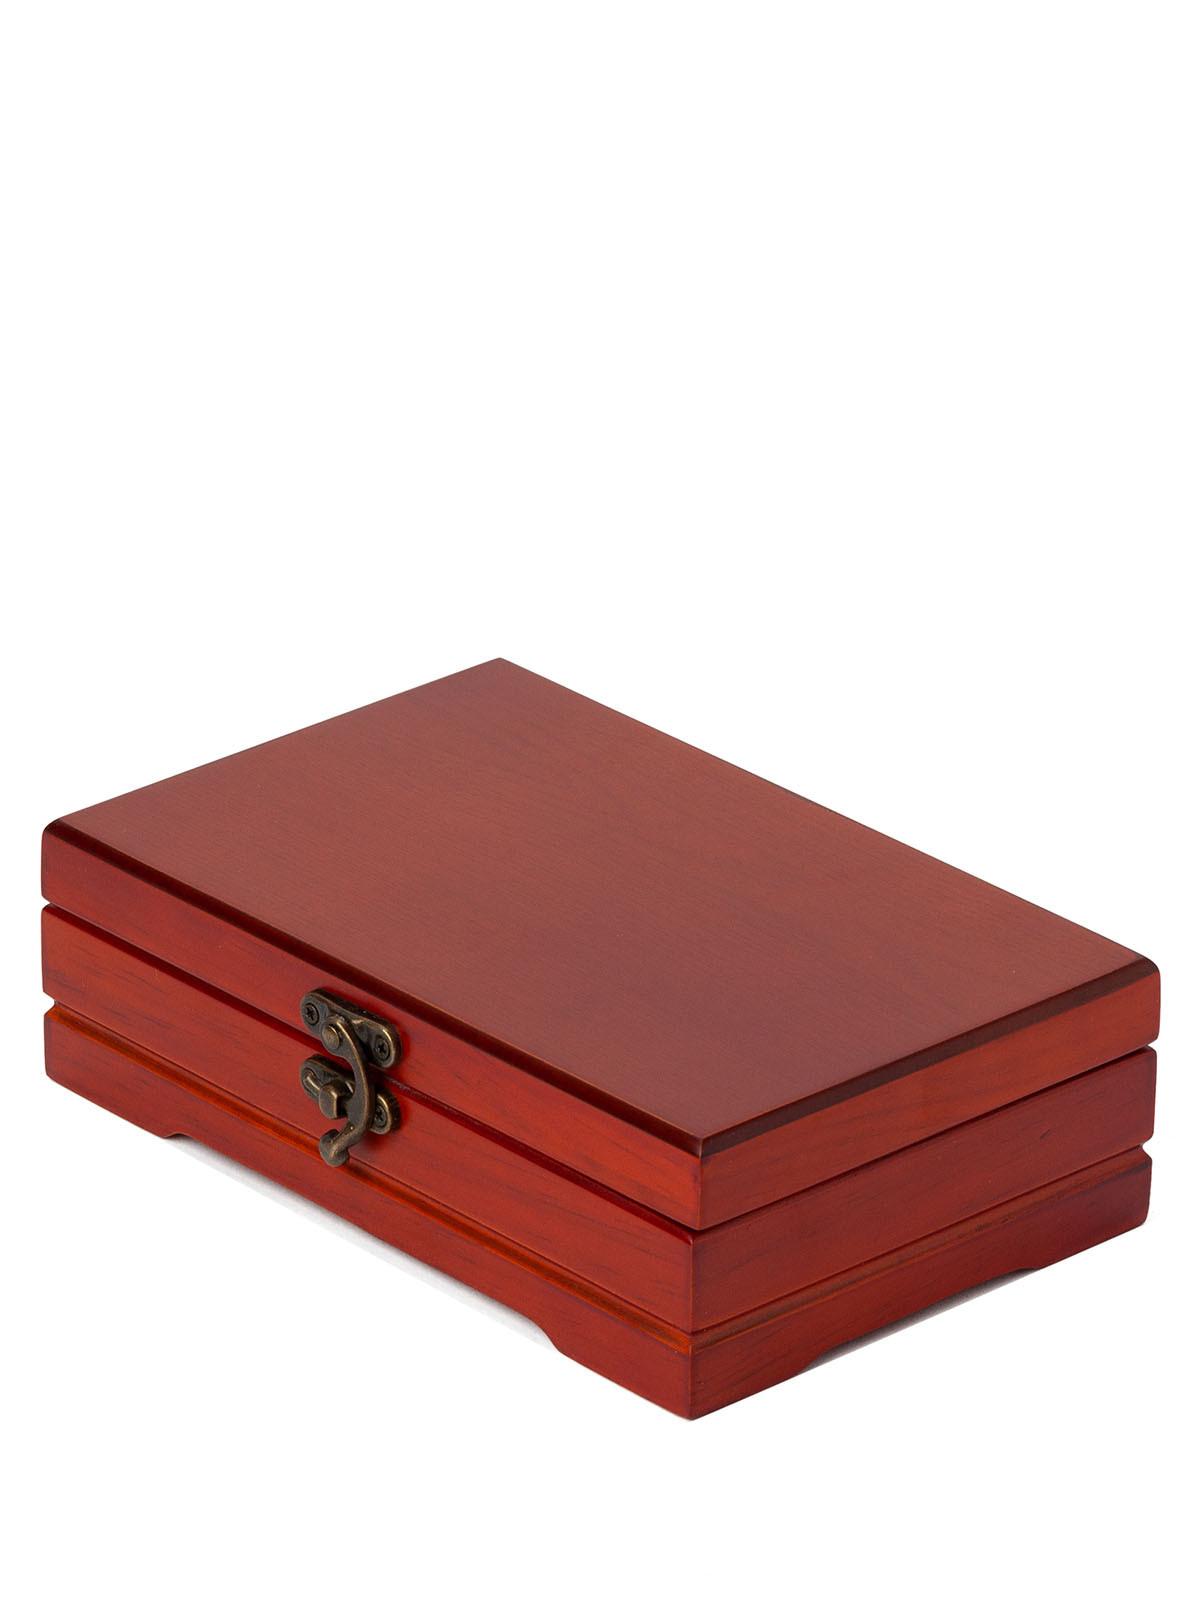 Деревянная шкатулка для украшений S-670 коричневый